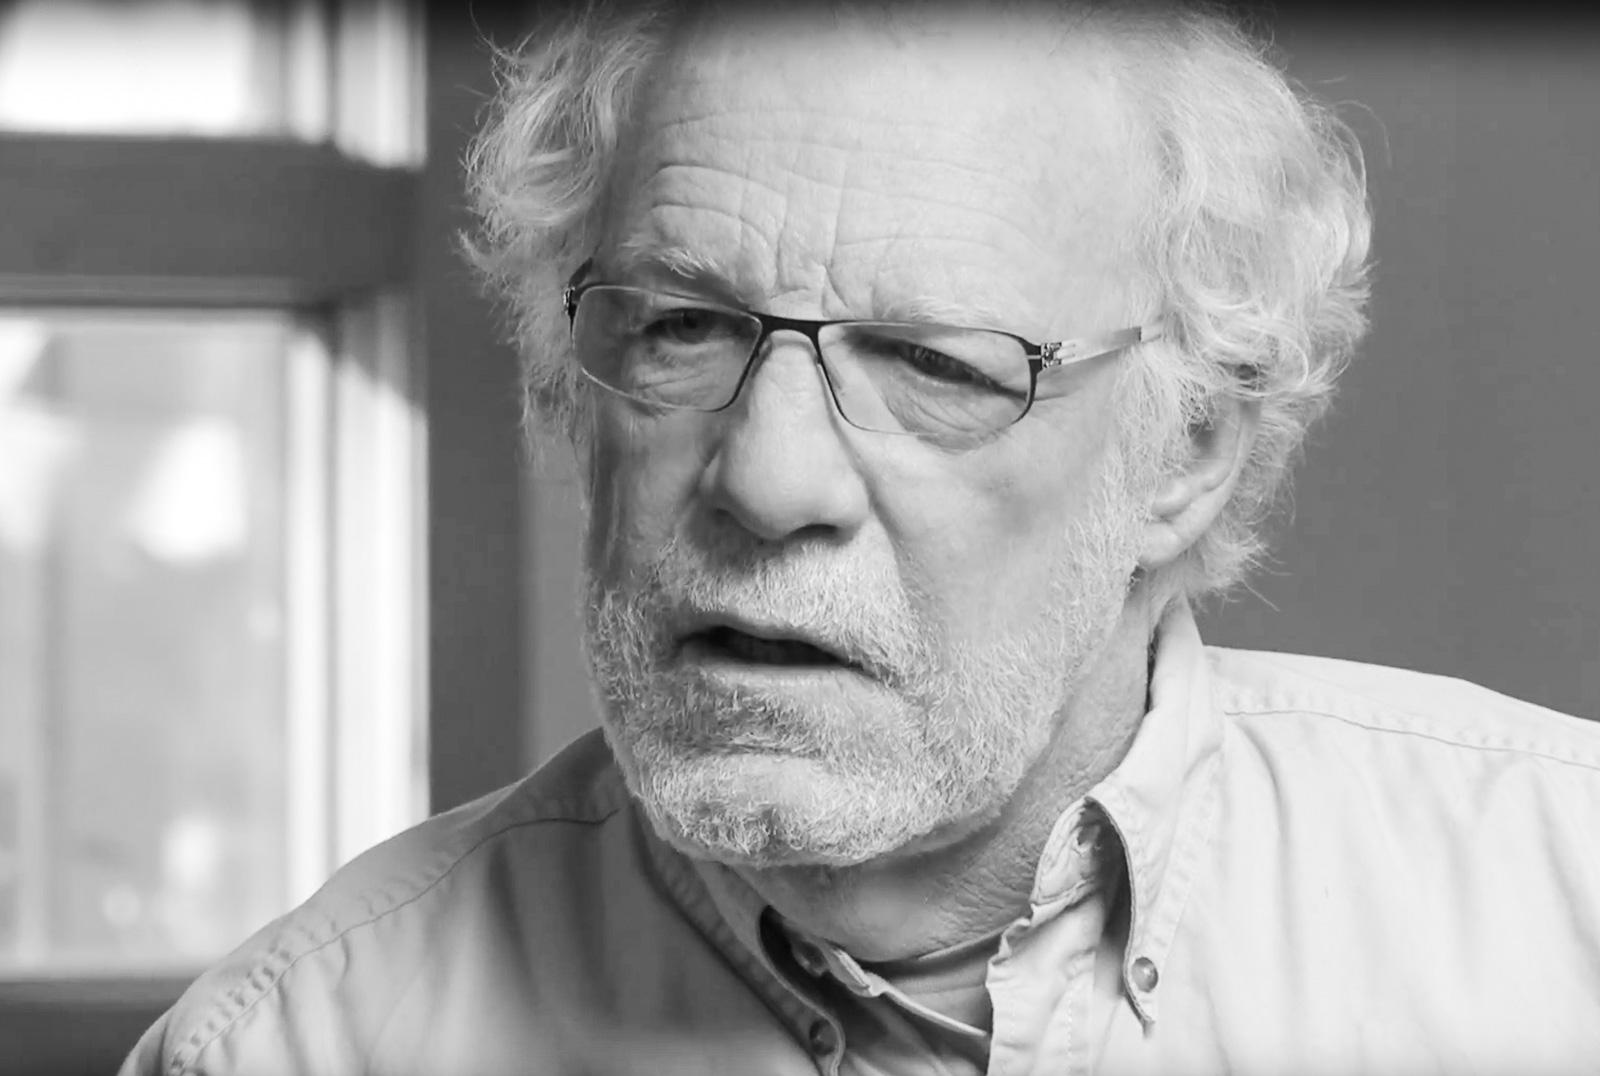 Jack Ridl, 74, amerikanischer Lyriker, der sich mit den Zuständen im Weißen Haus nicht abfinden will. Screenshot: Video by Fetzer Institute.